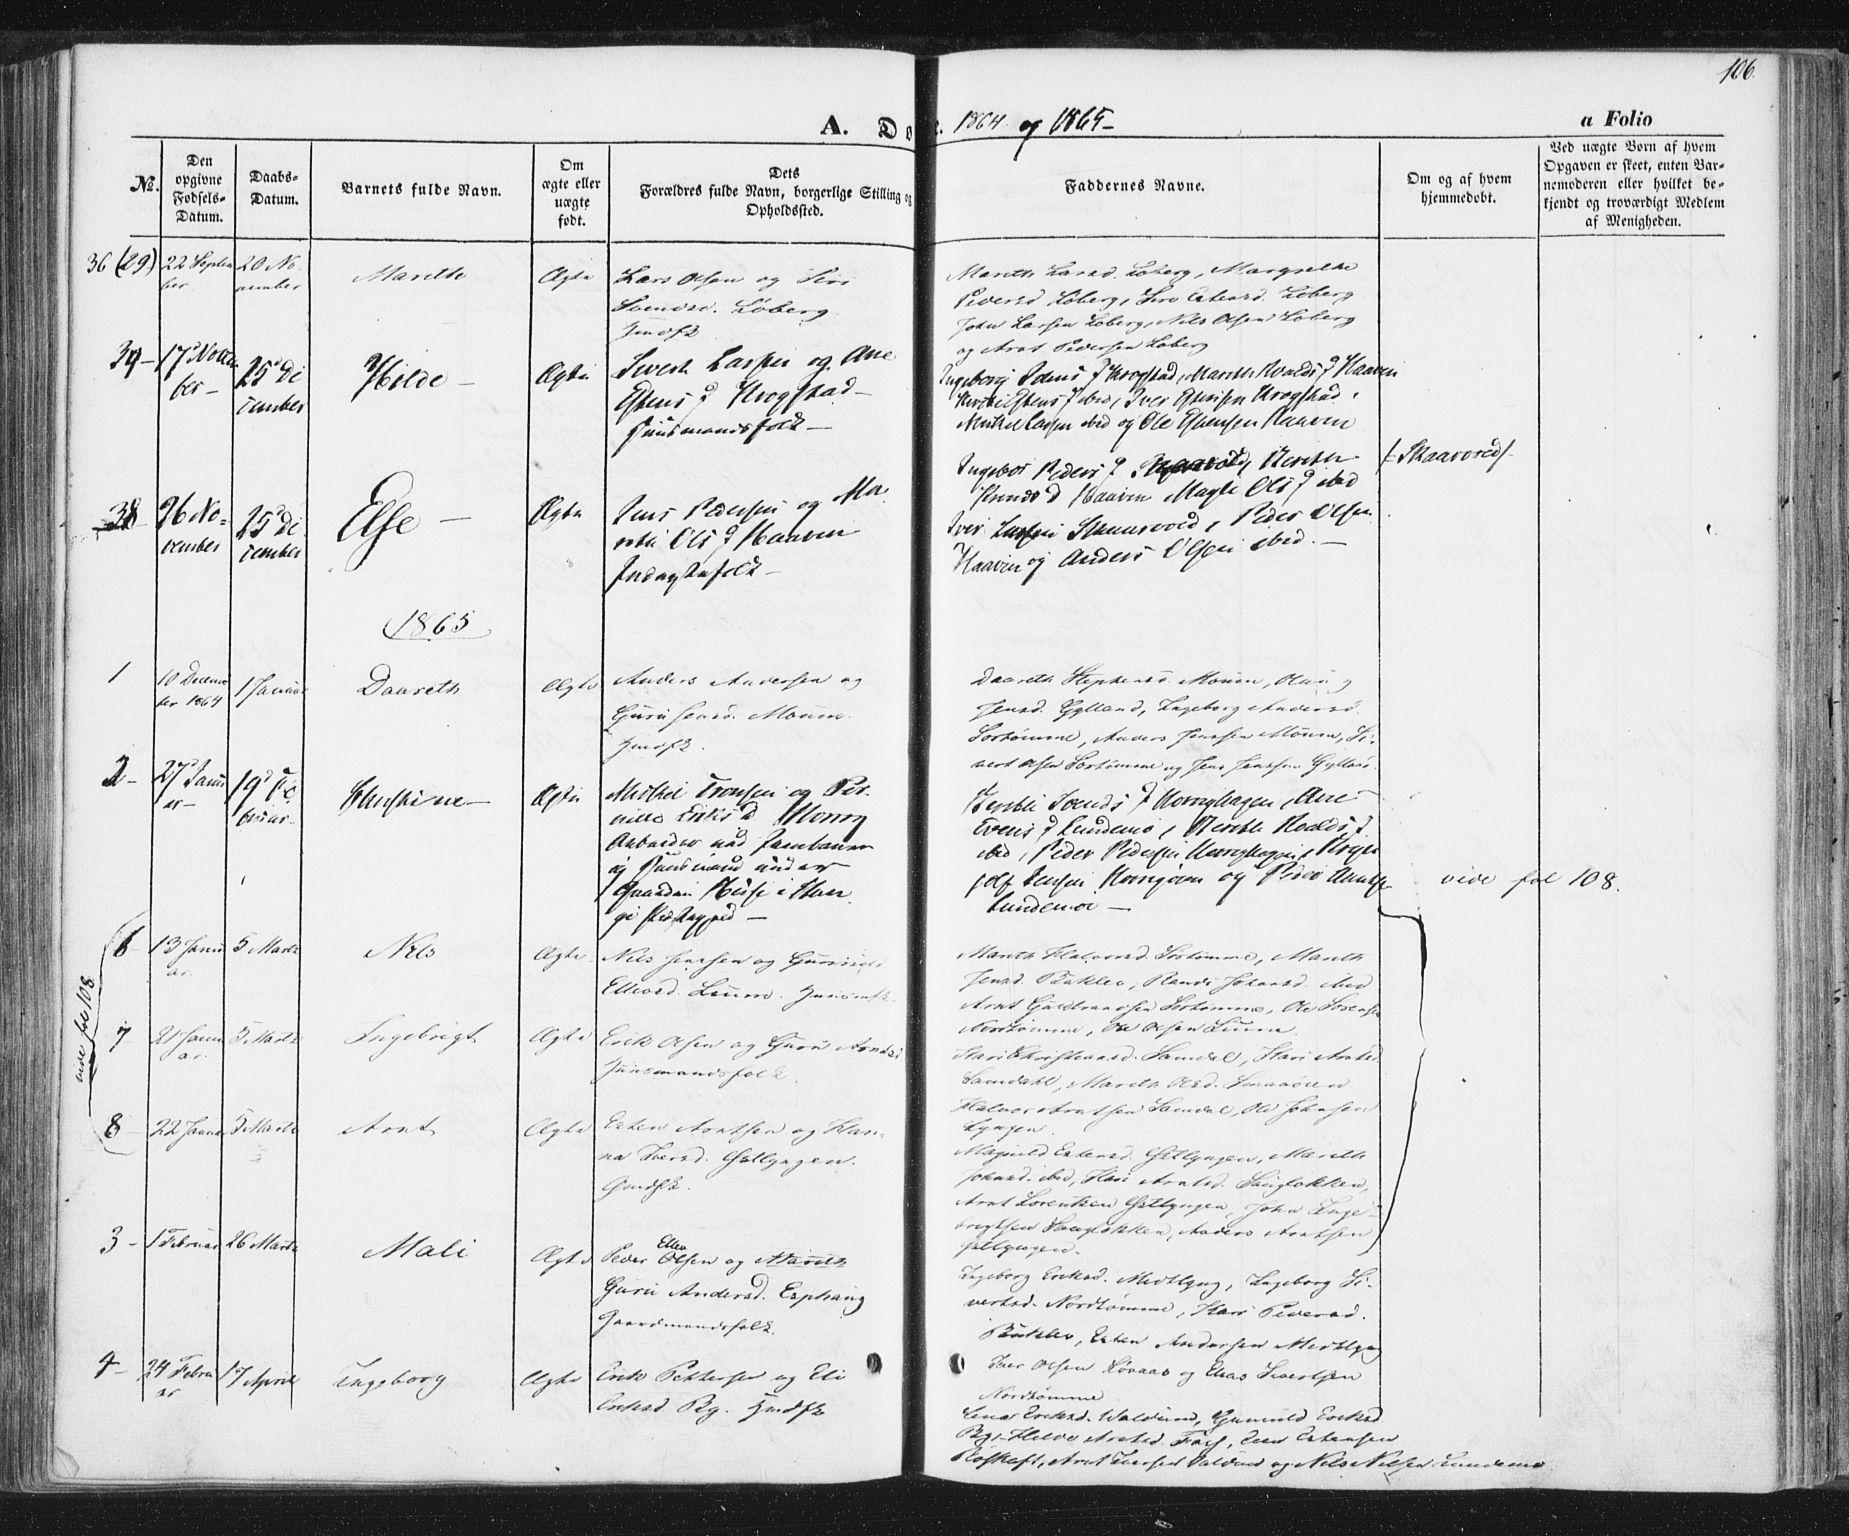 SAT, Ministerialprotokoller, klokkerbøker og fødselsregistre - Sør-Trøndelag, 692/L1103: Ministerialbok nr. 692A03, 1849-1870, s. 106